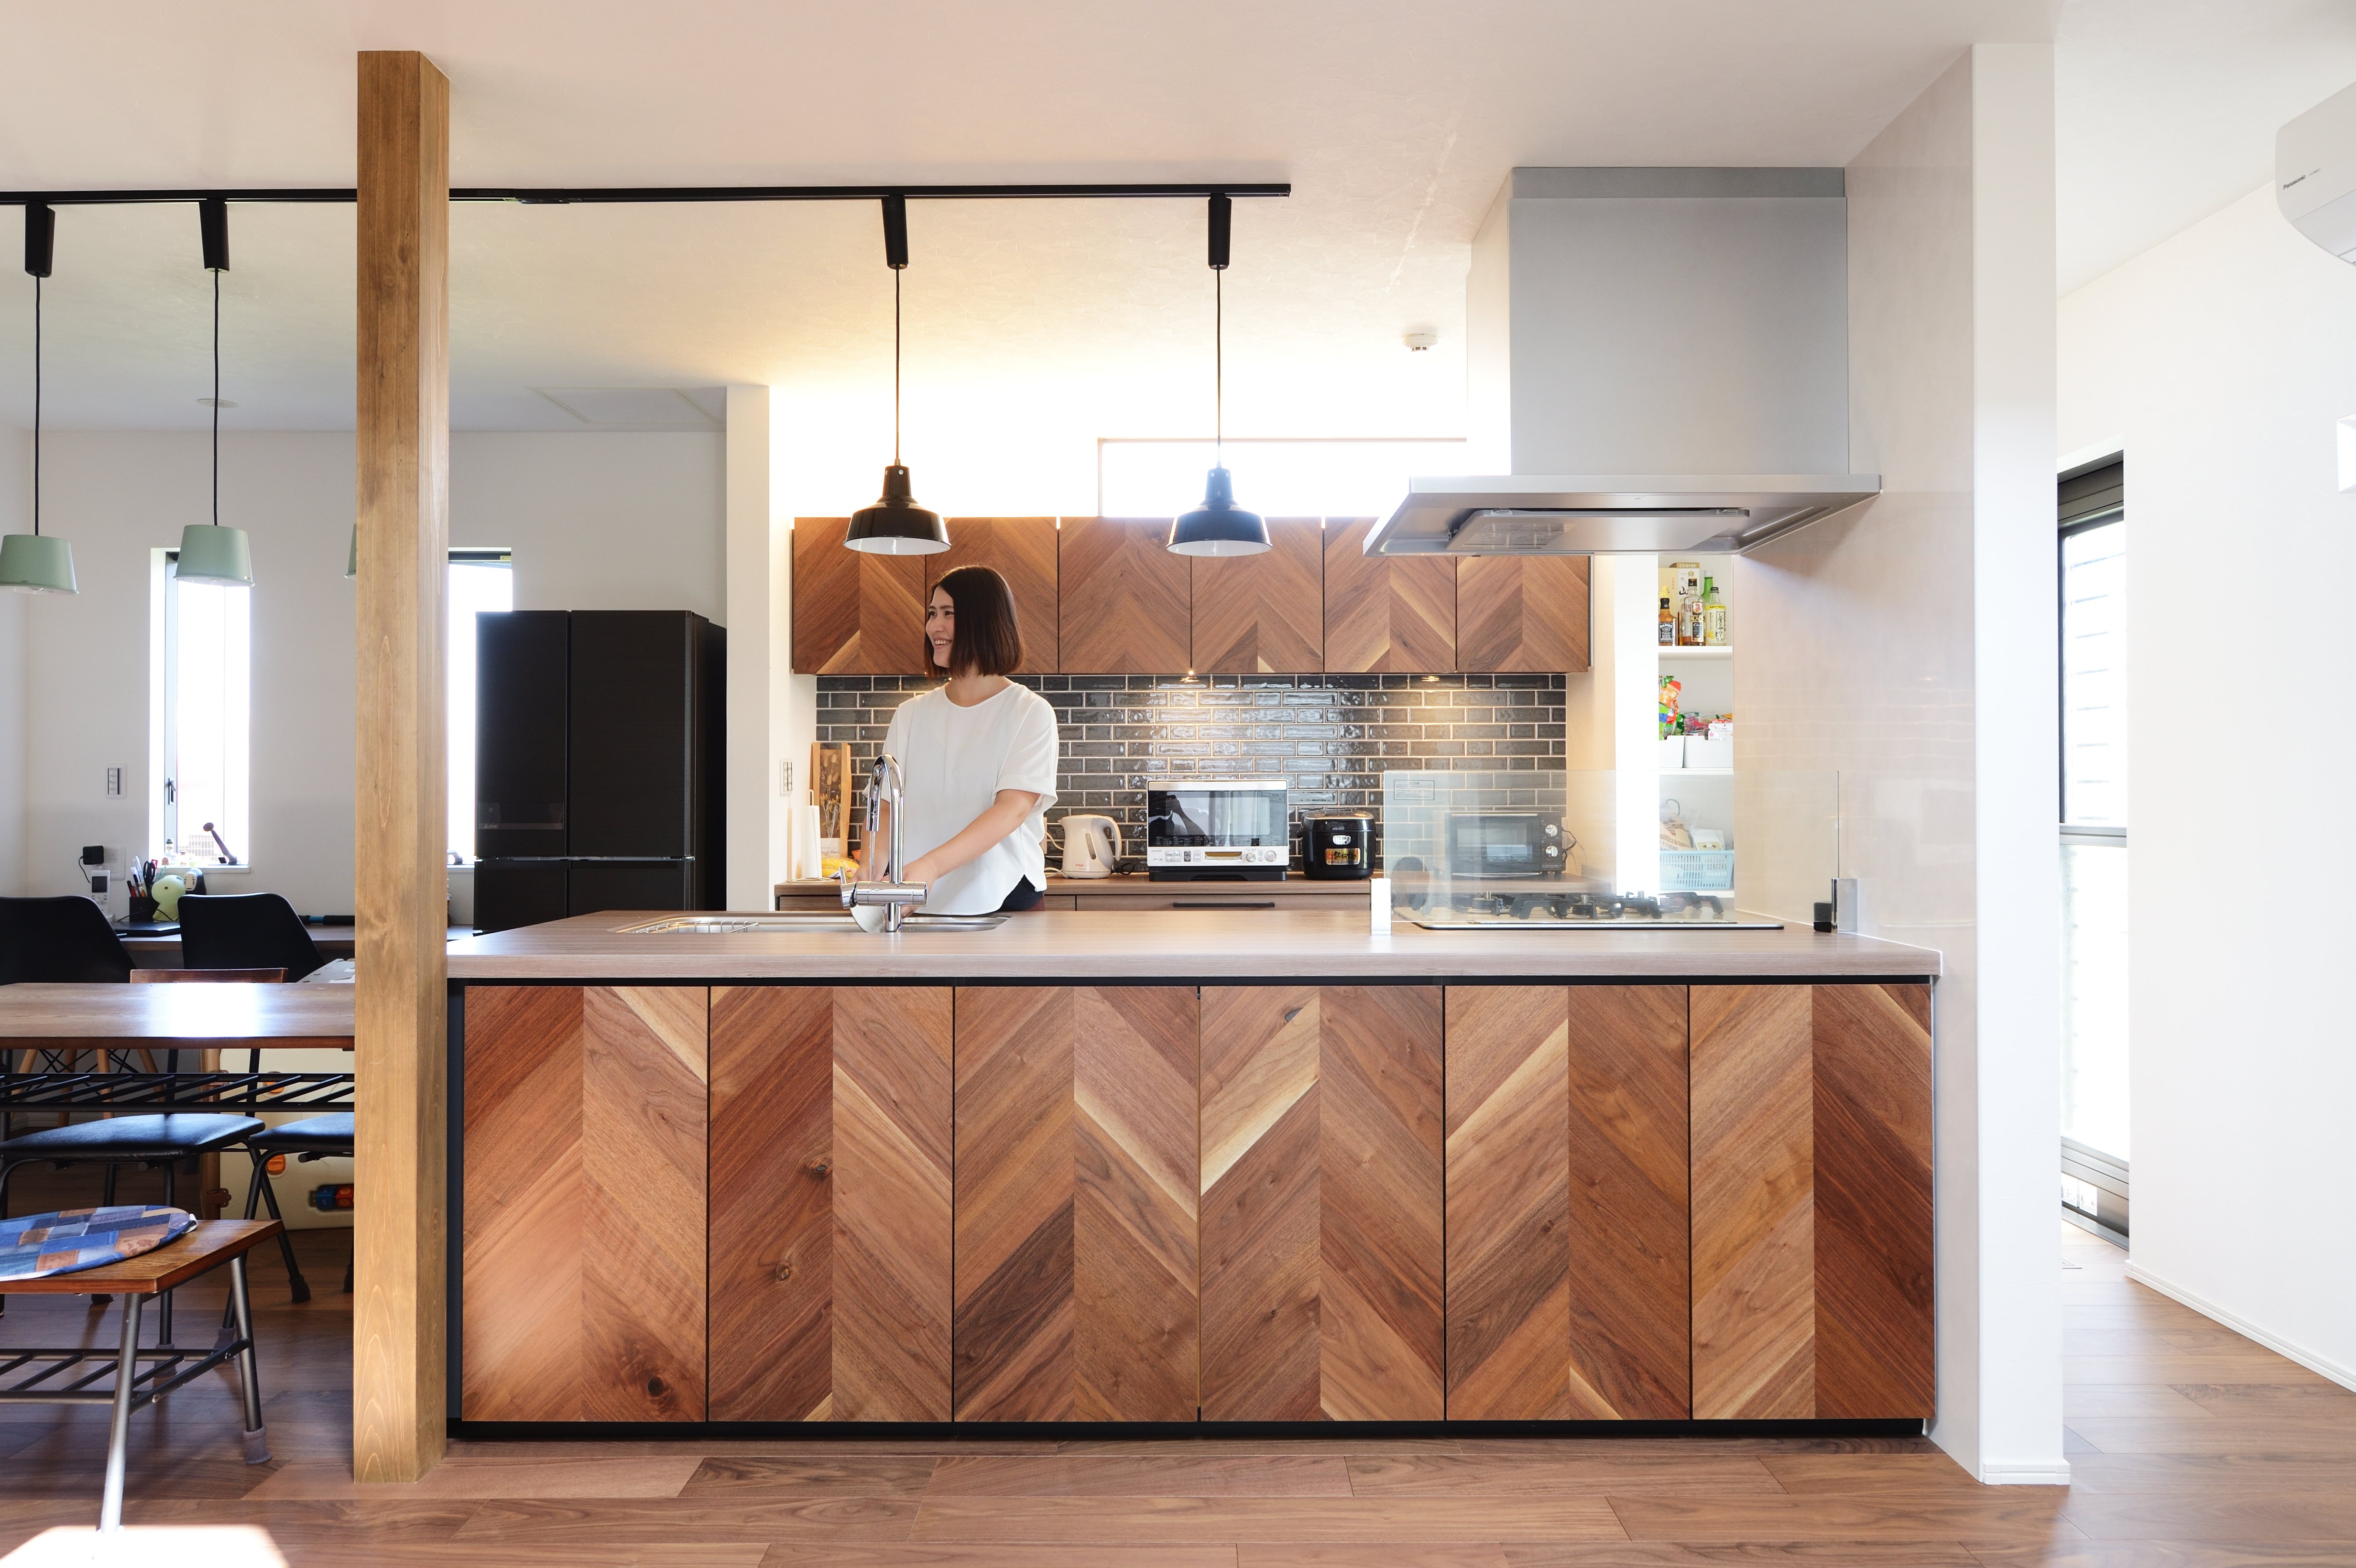 アルファホーム【デザイン住宅、子育て、インテリア】お揃いのヘリンボーン柄のカップボードも設け、壁をタイルで仕上げたのもコーディネートのポイント。キッチン収納の取っ手は奥様のこだわりのもの